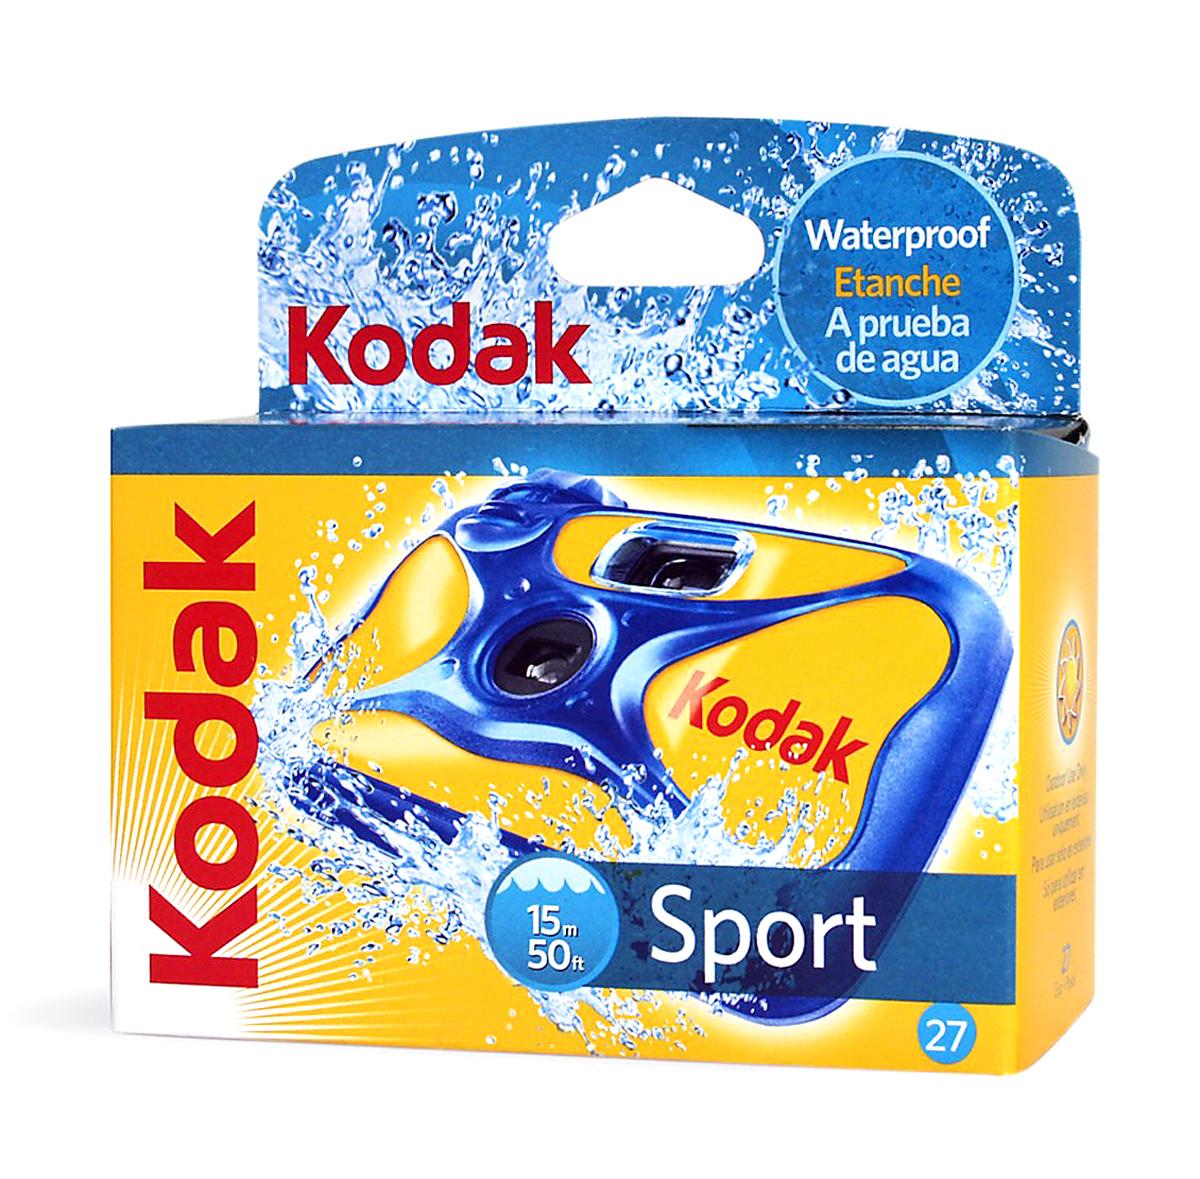 Kodak Waterproof